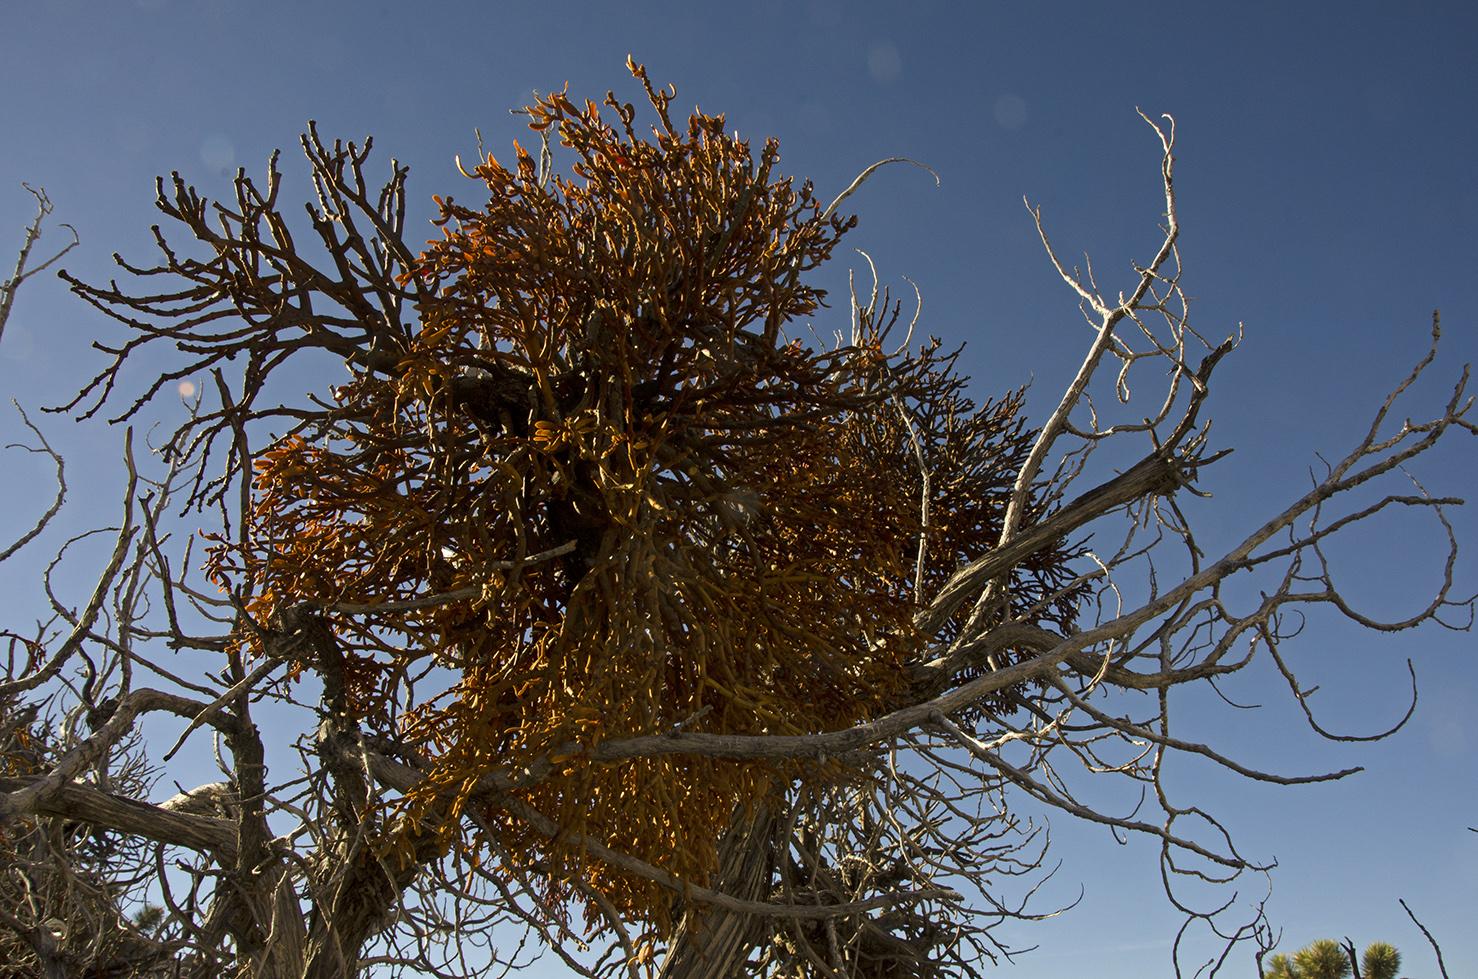 Juniper with Mistletoe